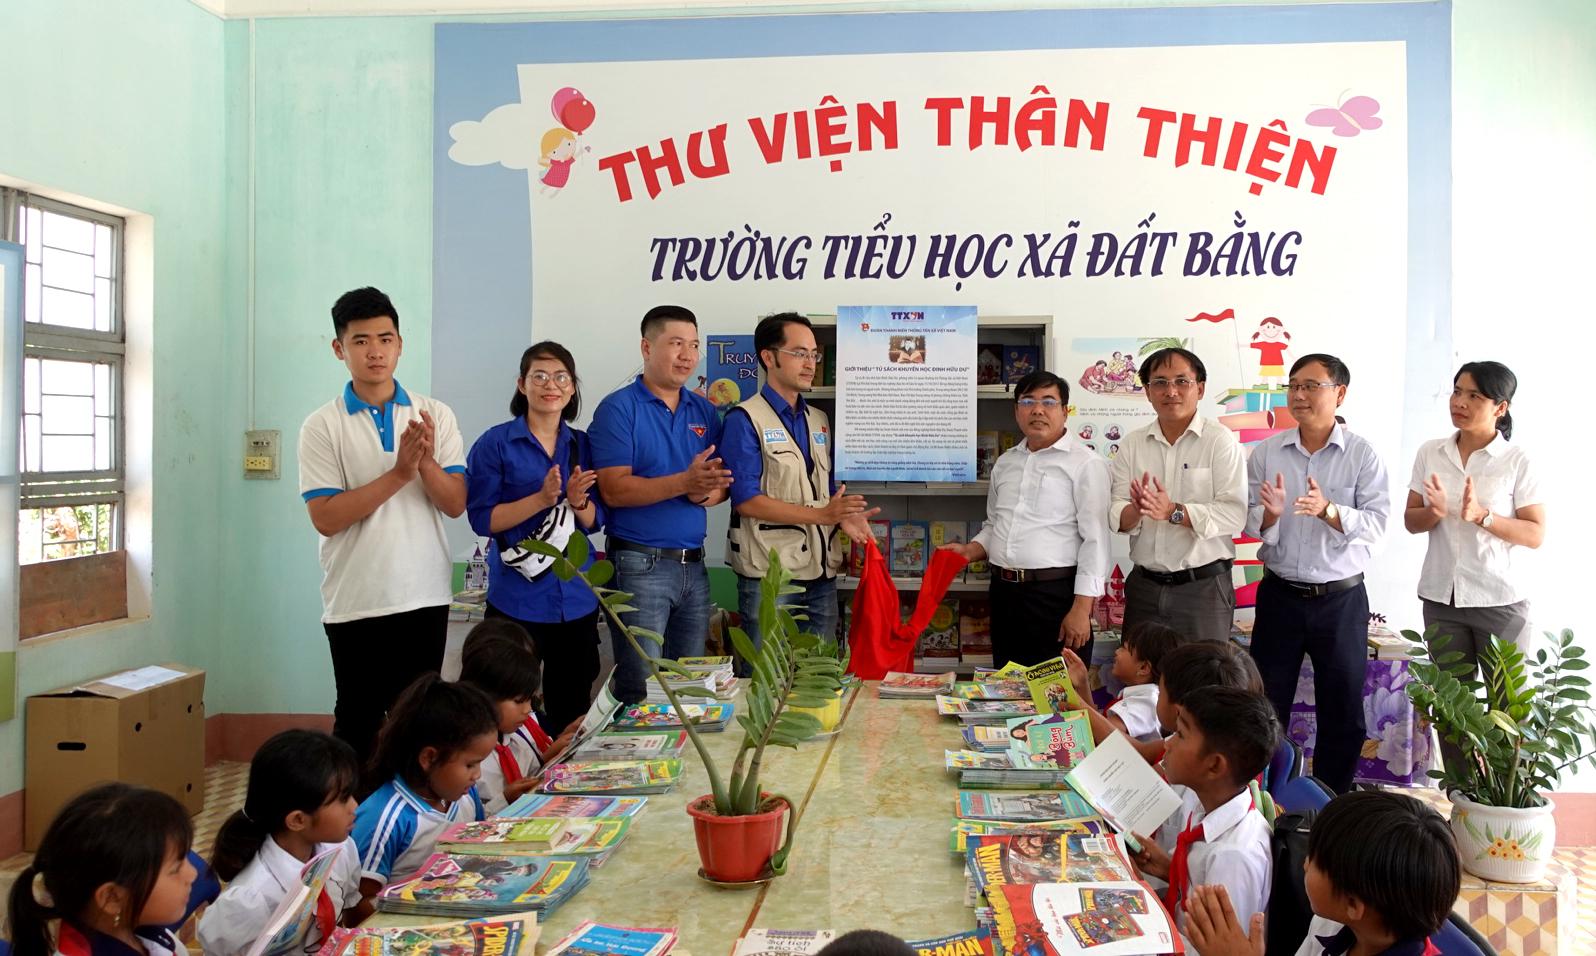 """Đoàn cơ sở Cơ quan TTXVN tặng """"Tủ sách Đinh Hữu Dư"""" cho Trường Tiểu học xã Đất Bằng"""